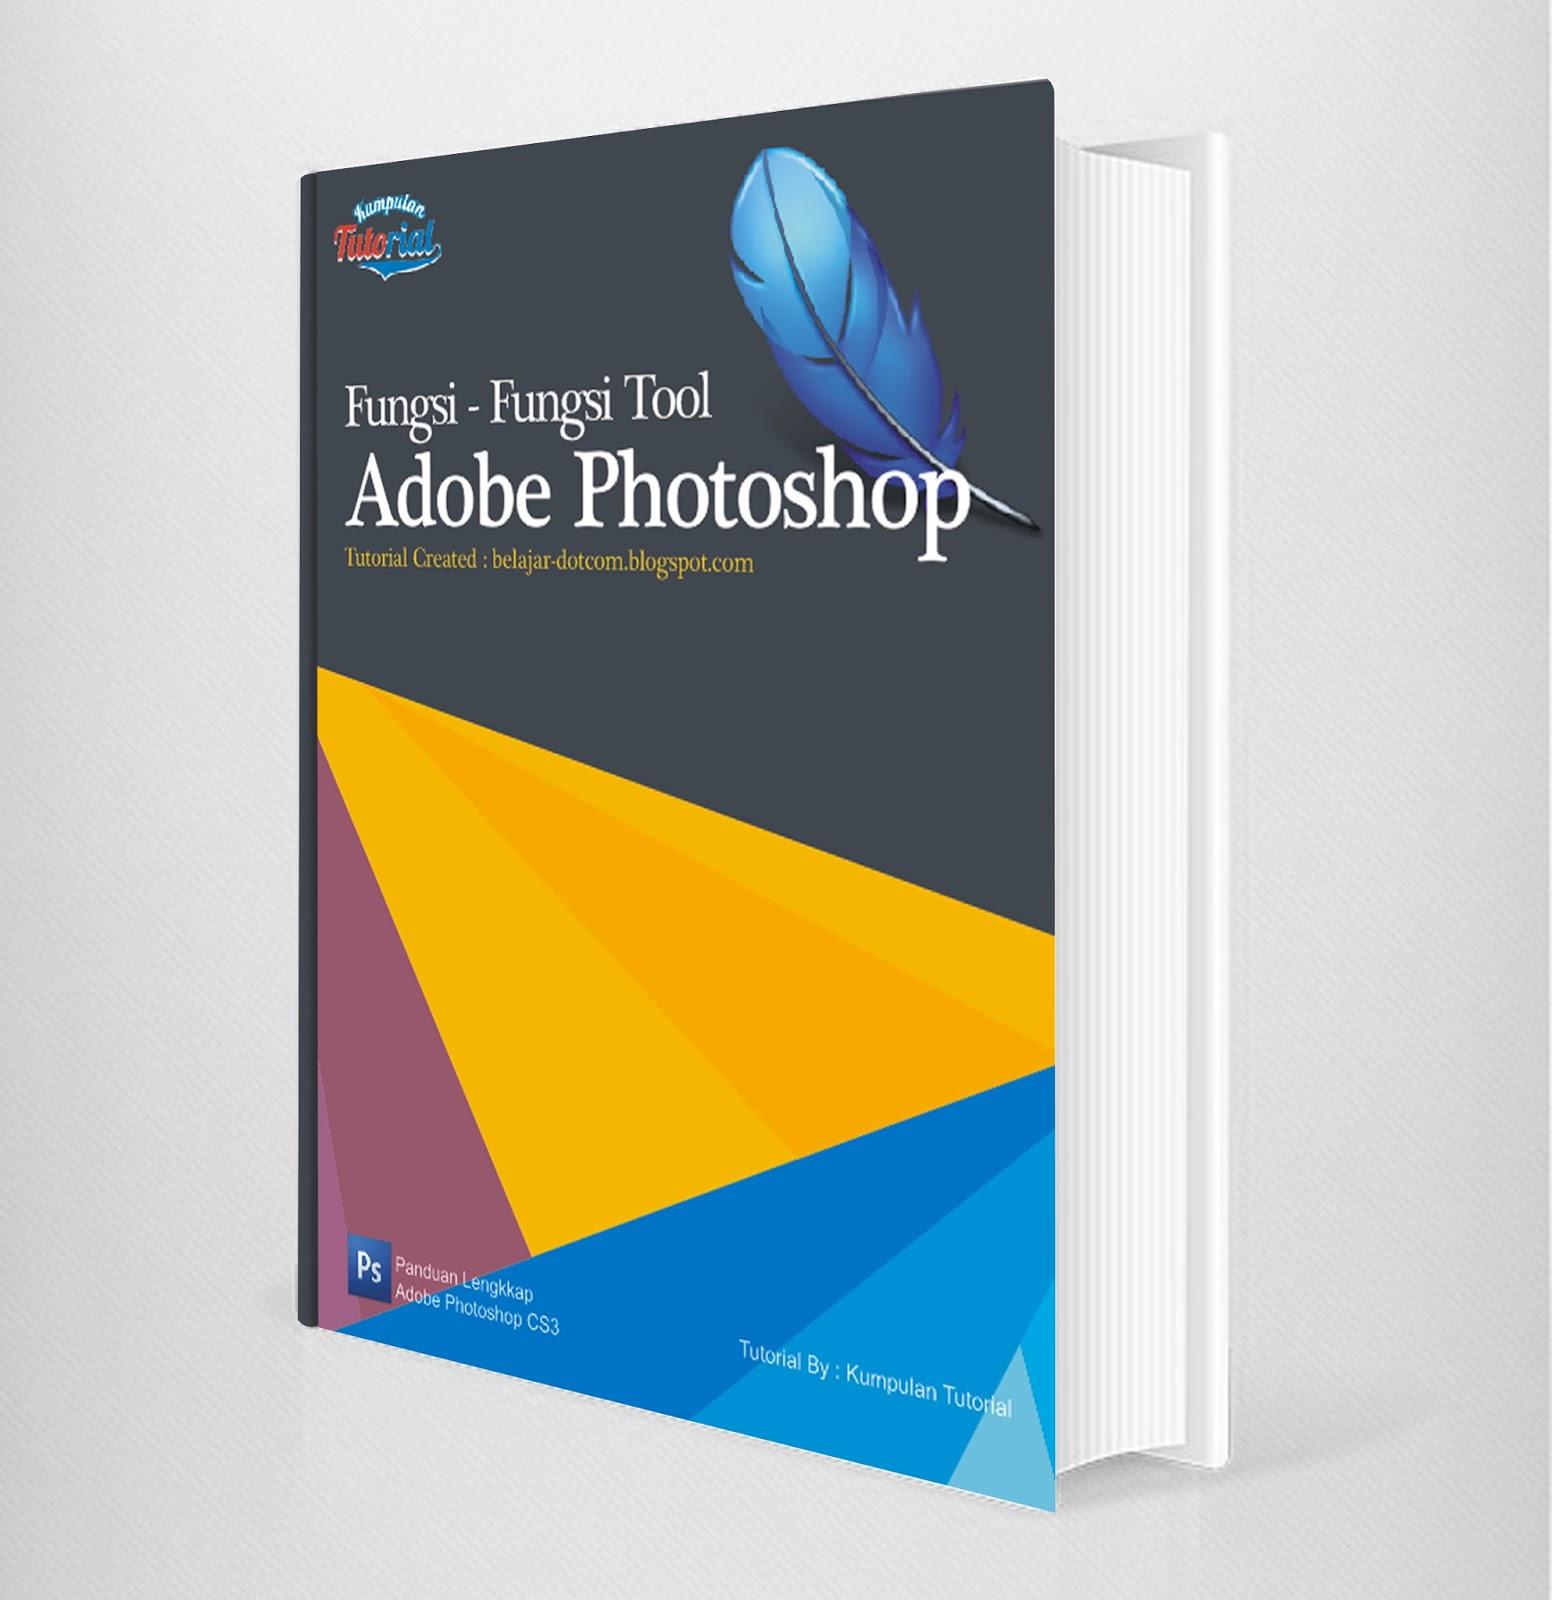 Corel Draw Book Cover Design Tutorial : Cara membuat desain cover buku dengan coreldraw